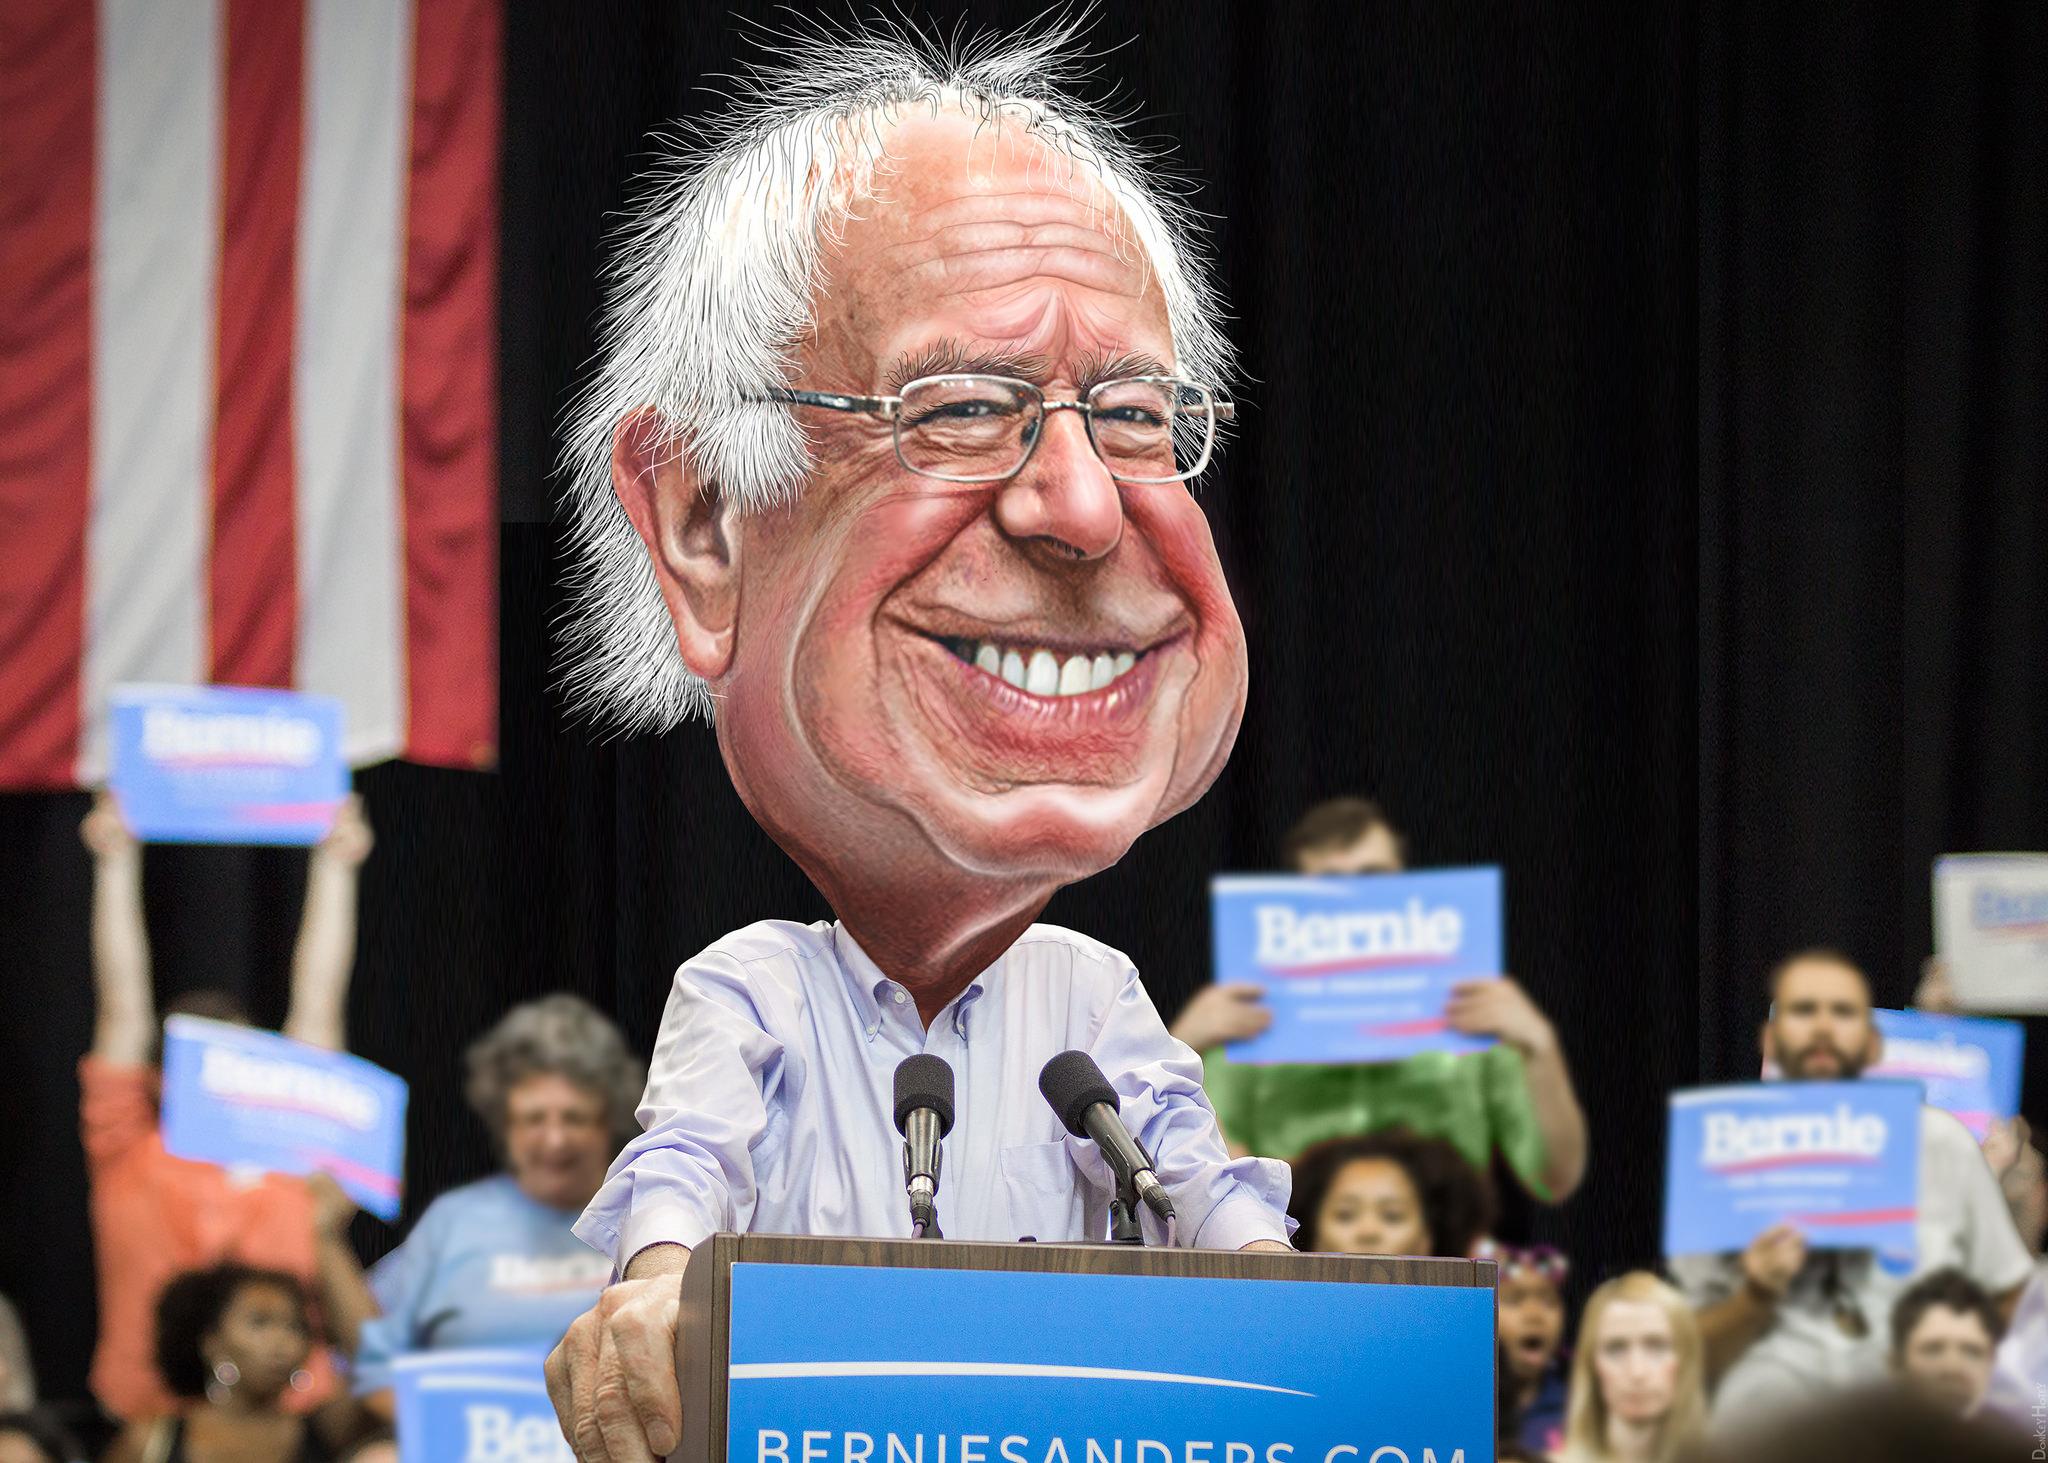 Tegnet karikatur av Bernie Sanders på talerstol